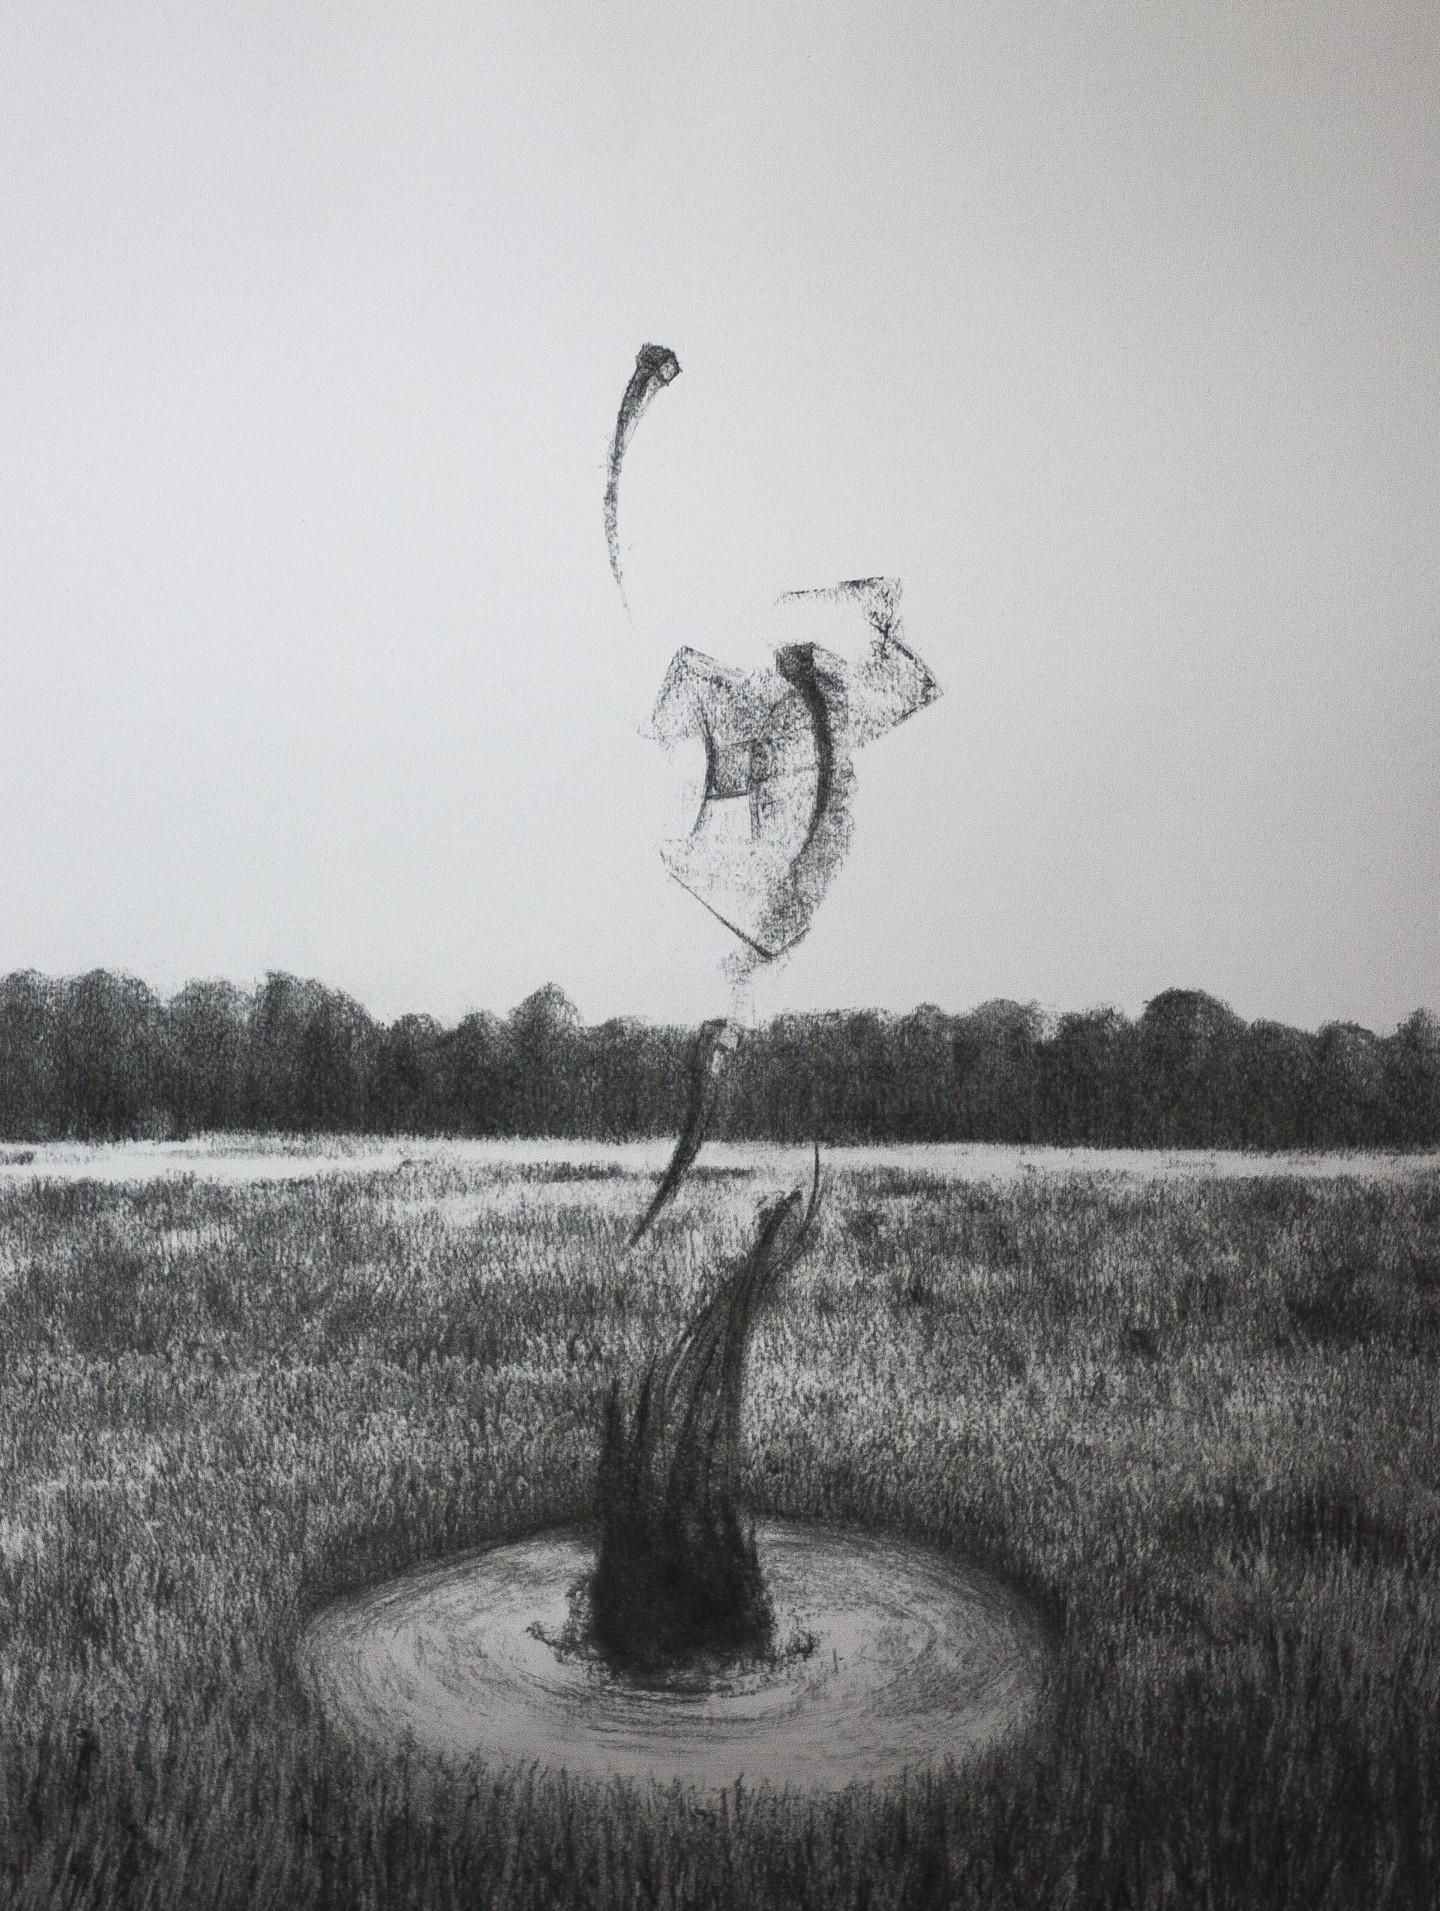 Przemek Kret - There is a field